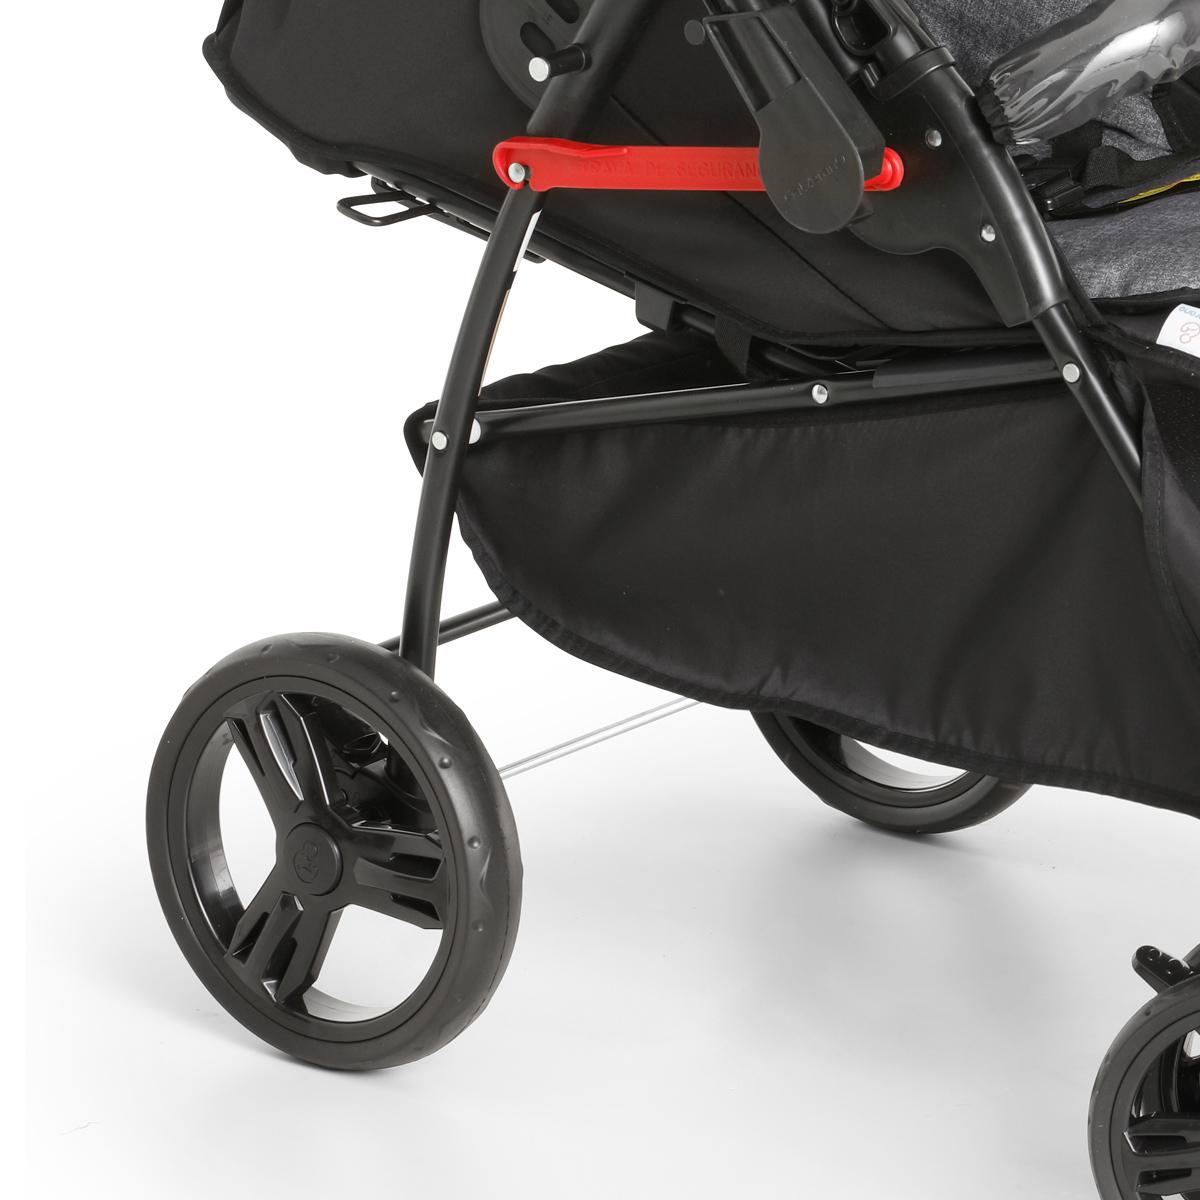 Carrinho de Bebê Galzerano Passeio 2 em 1 Reversivel 0 Até 15 Kg 4 Posições Maranello II Galzerano Preto Cinza